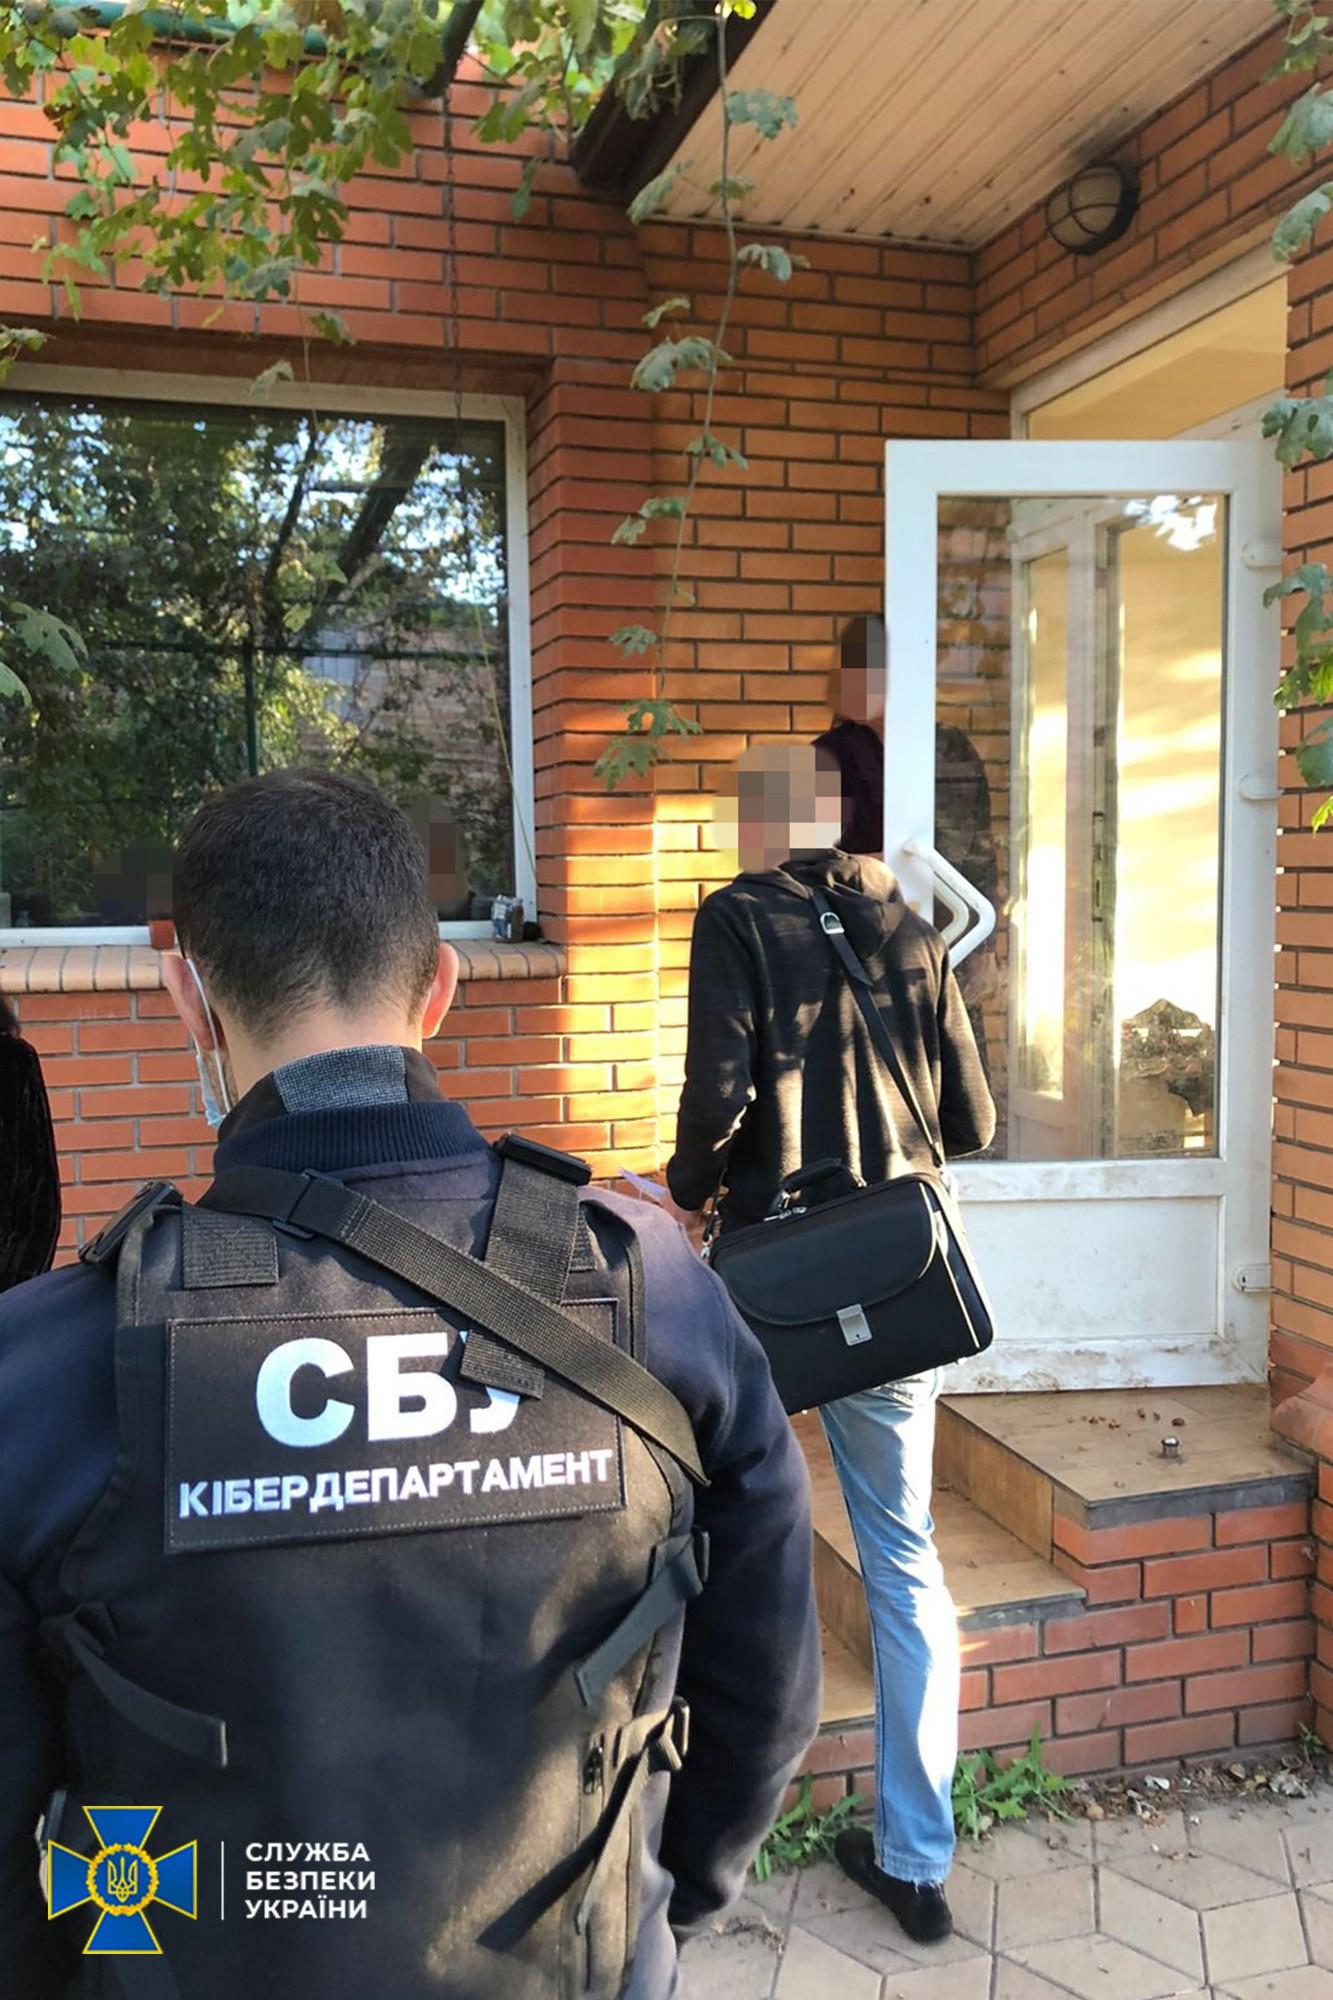 СБУ установила подозреваемых в преступной схеме с документами моряков